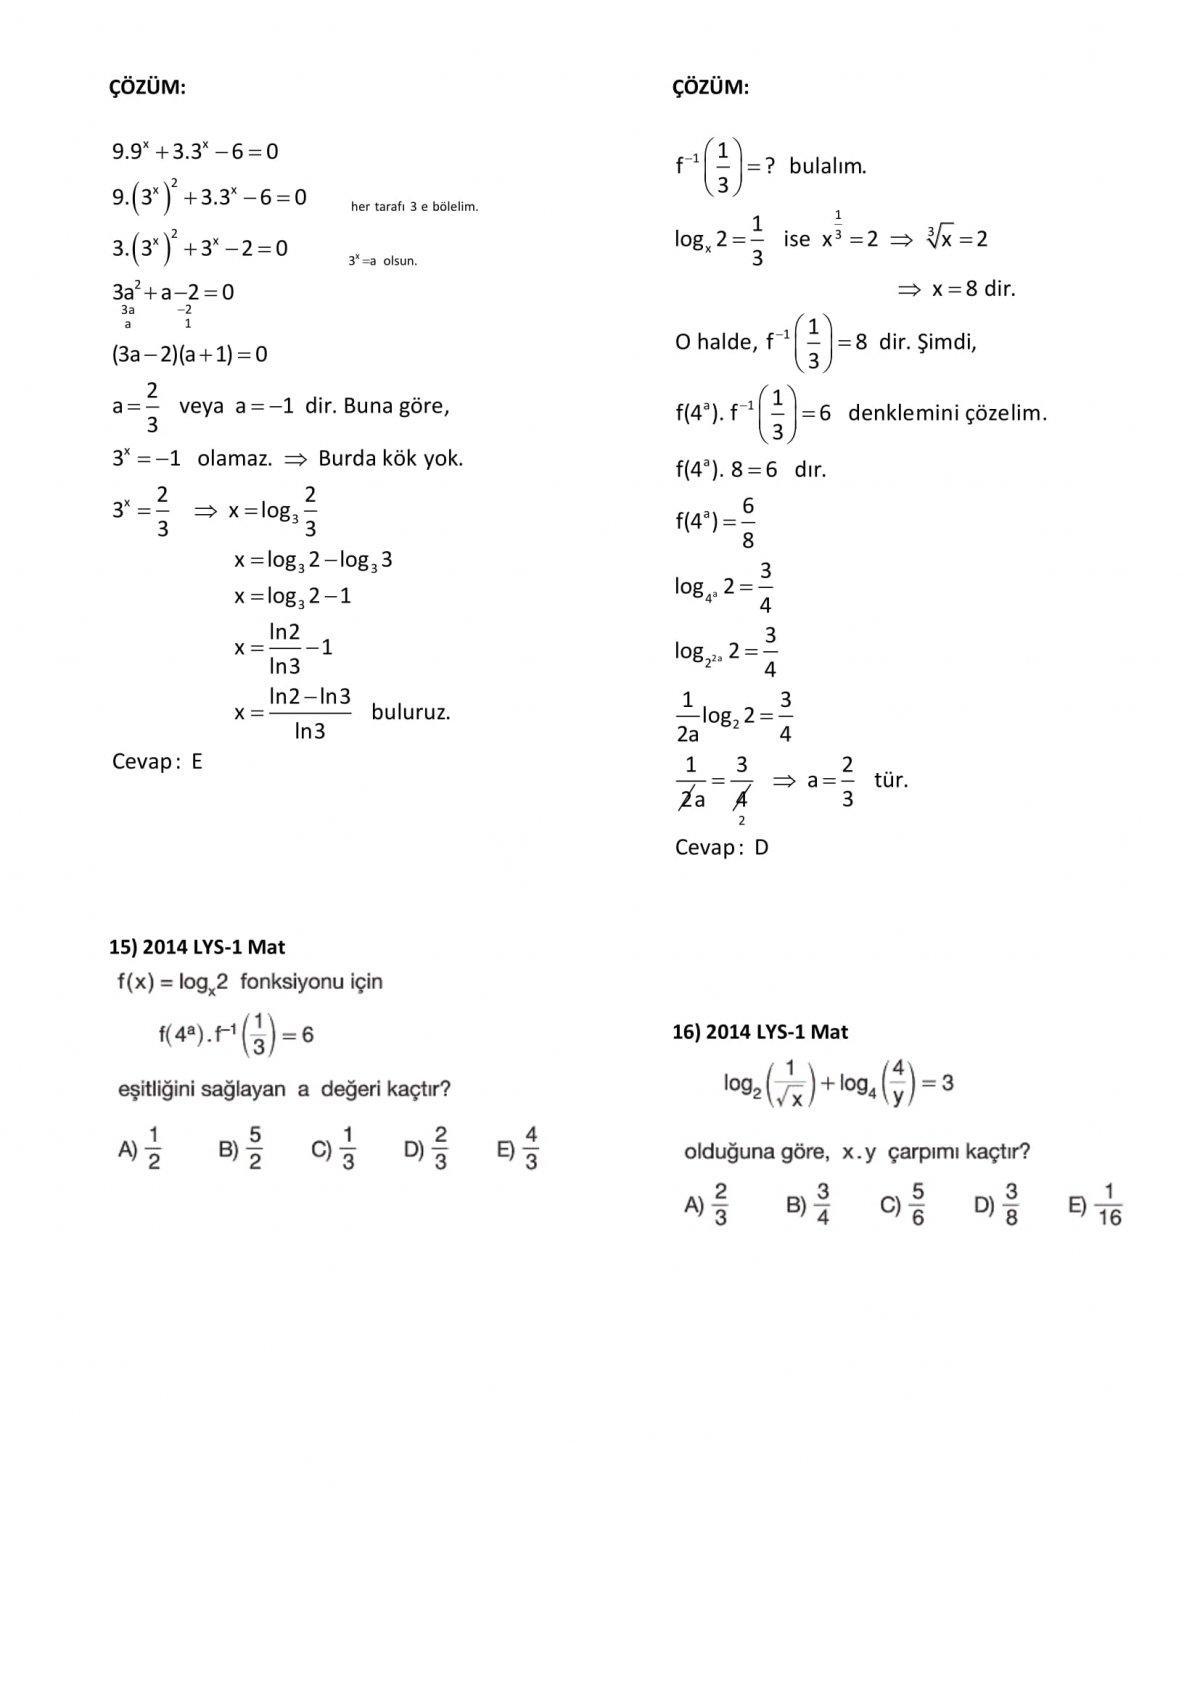 Logaritma-Çıkmış-Sorular-ve-Çözümleri-05.jpg